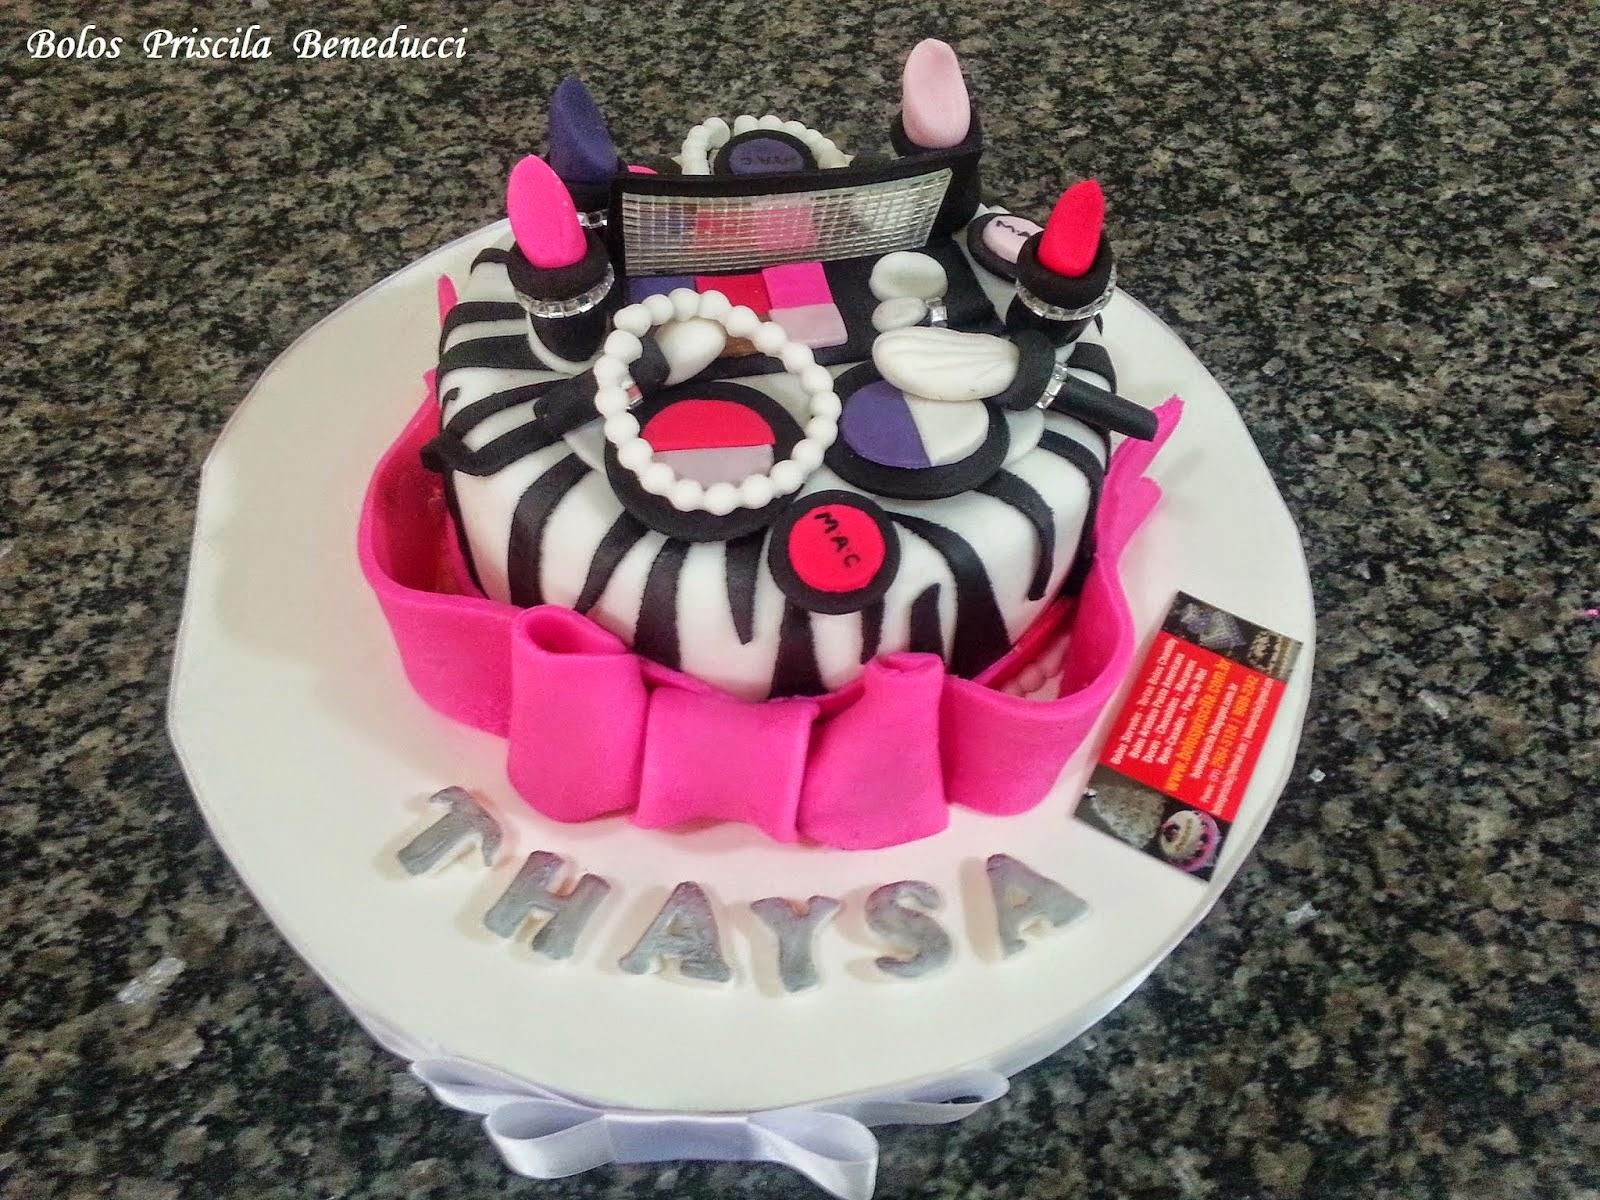 Bolo Maquiagem - Make Cake